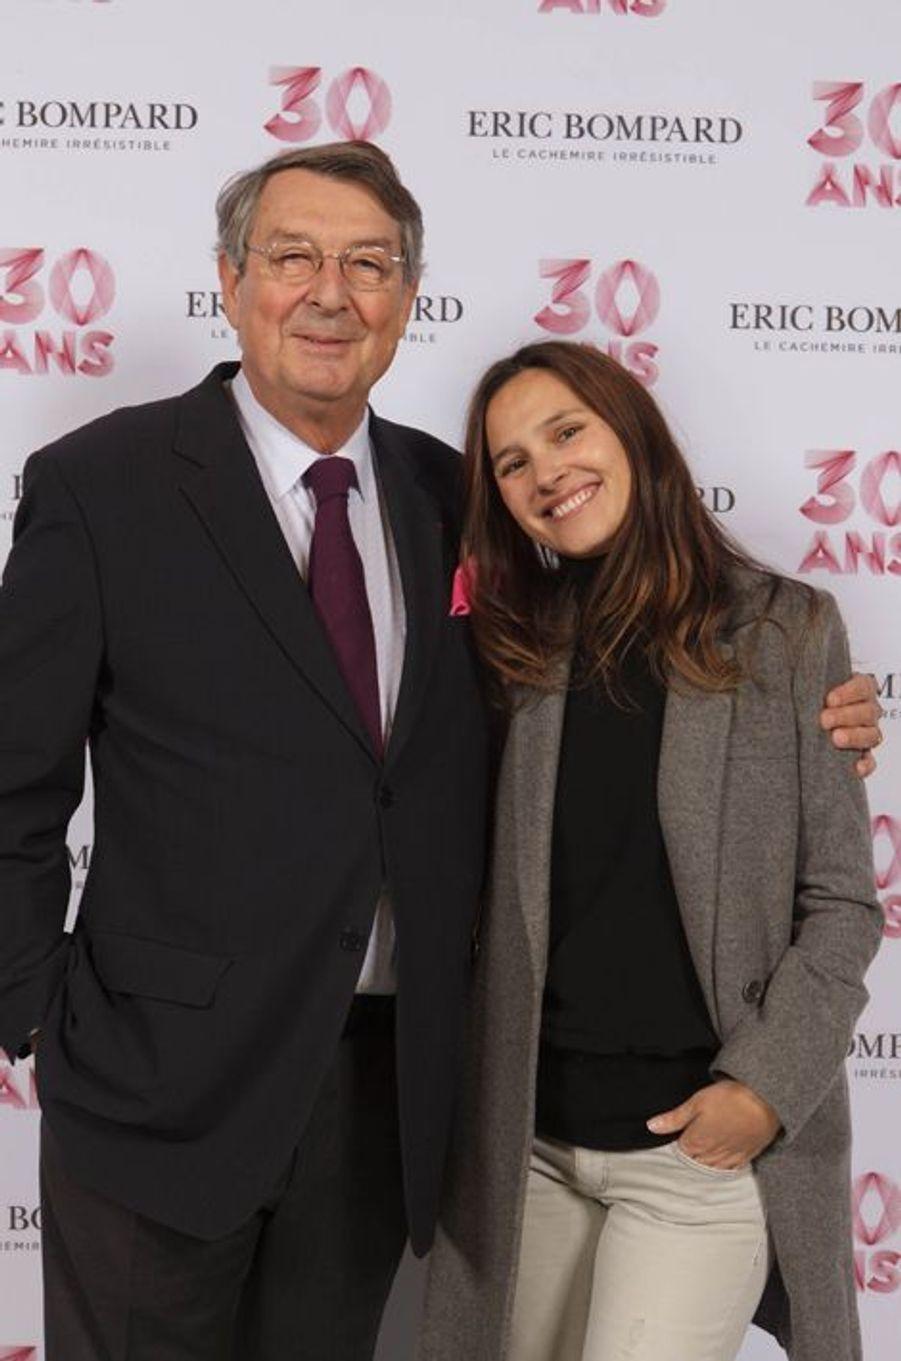 Virginie Ledoyen et Eric Bompard